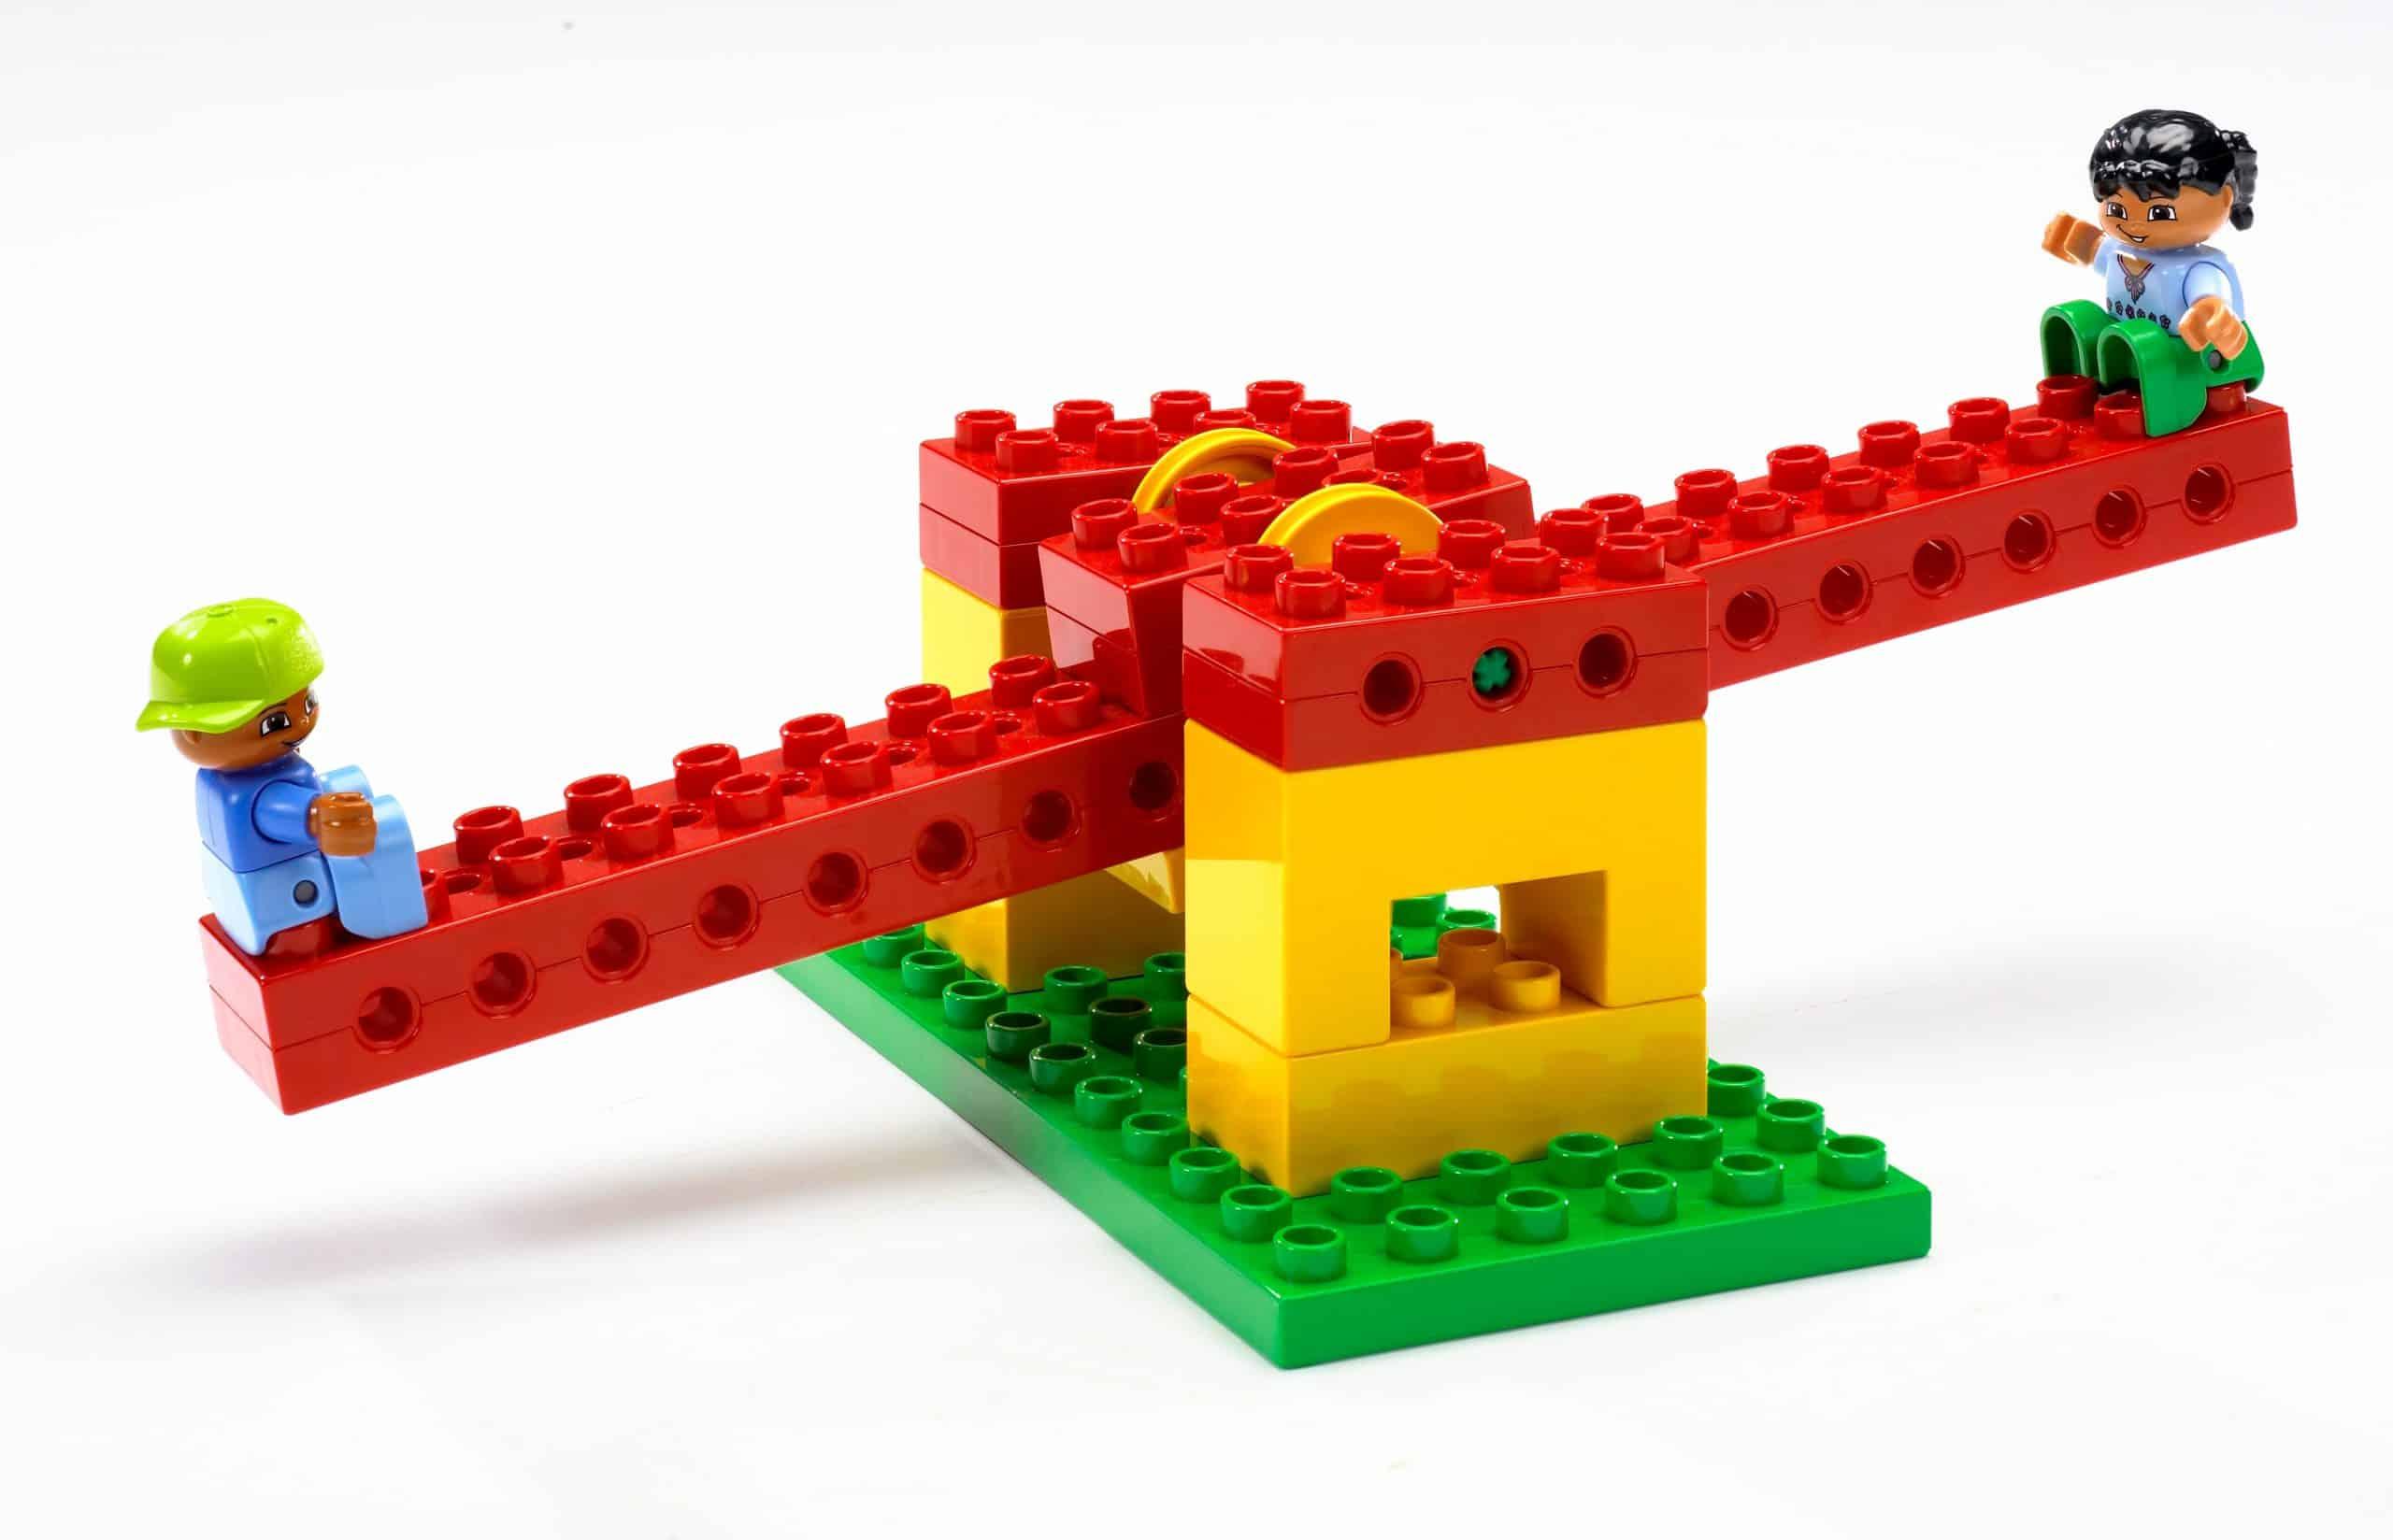 lego 9656 erste einfache maschinen set scaled